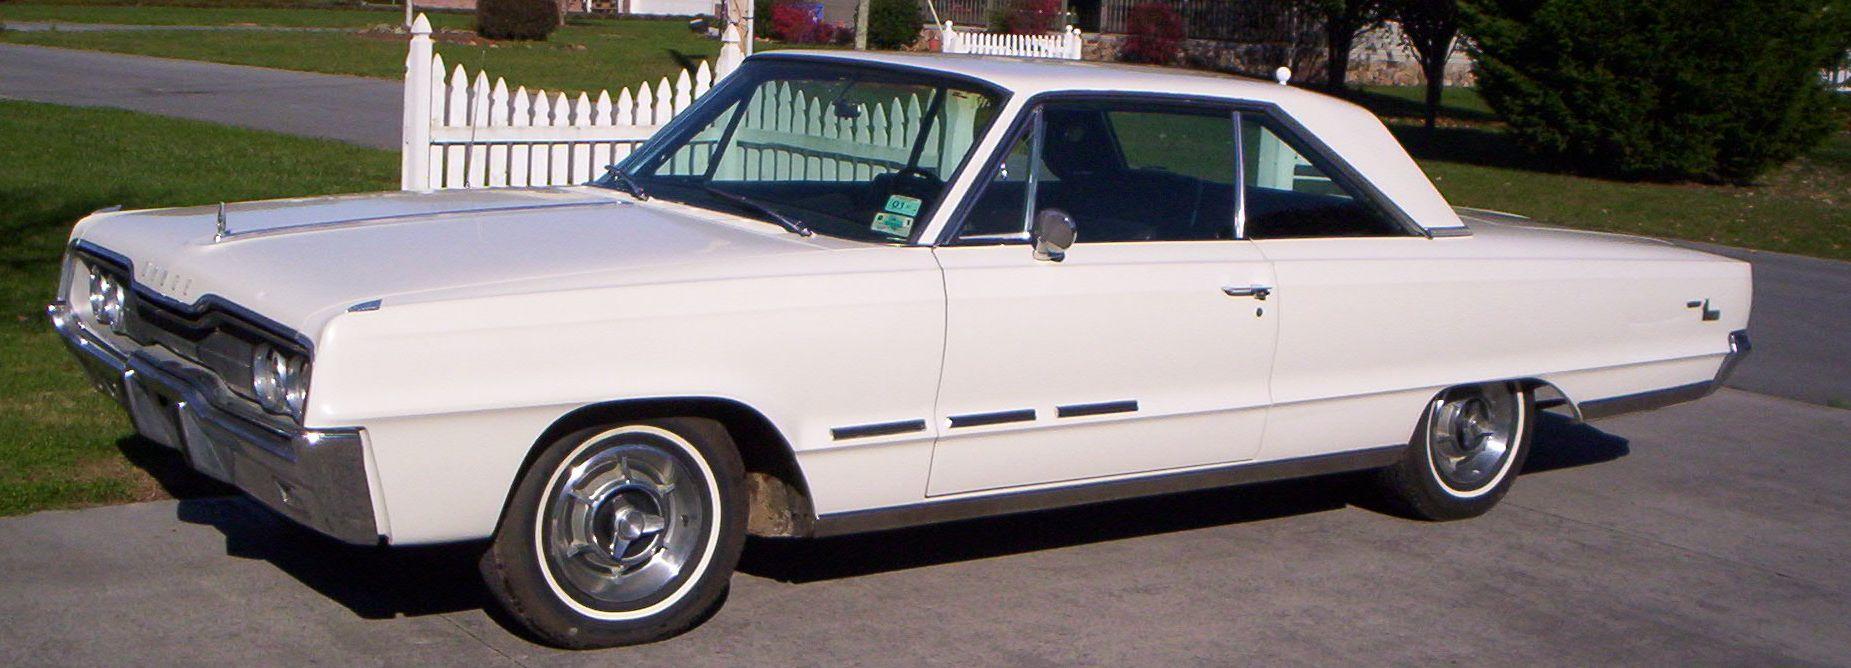 1966 Dodge Monaco (c)_131541